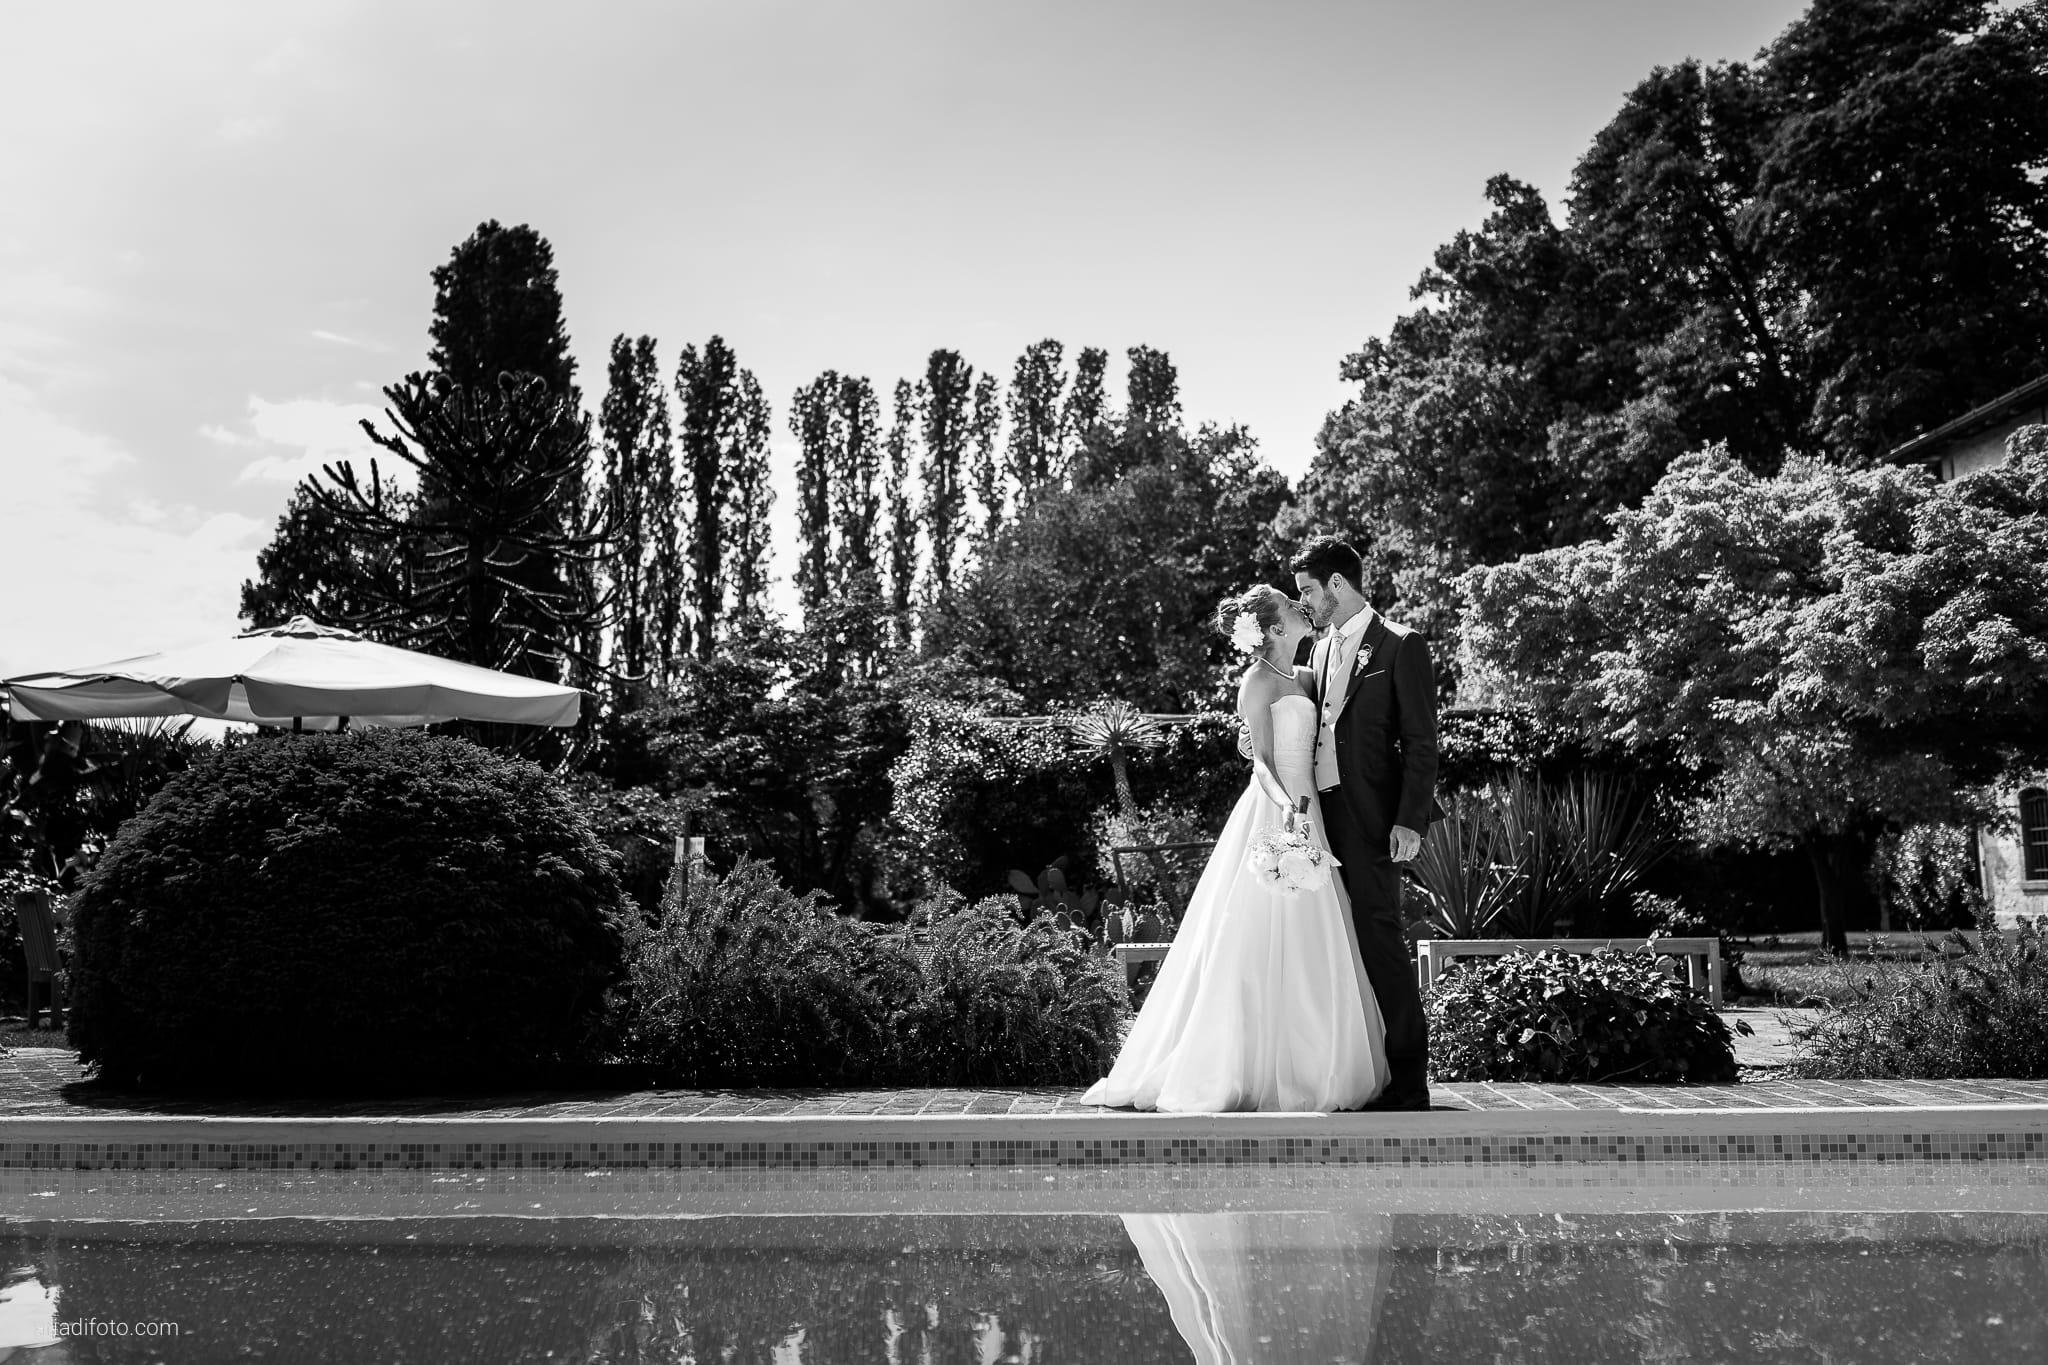 Giulia Paolo Matrimonio Trieste Villa Iachia Ruda Udine ritratti sposi parco piscina